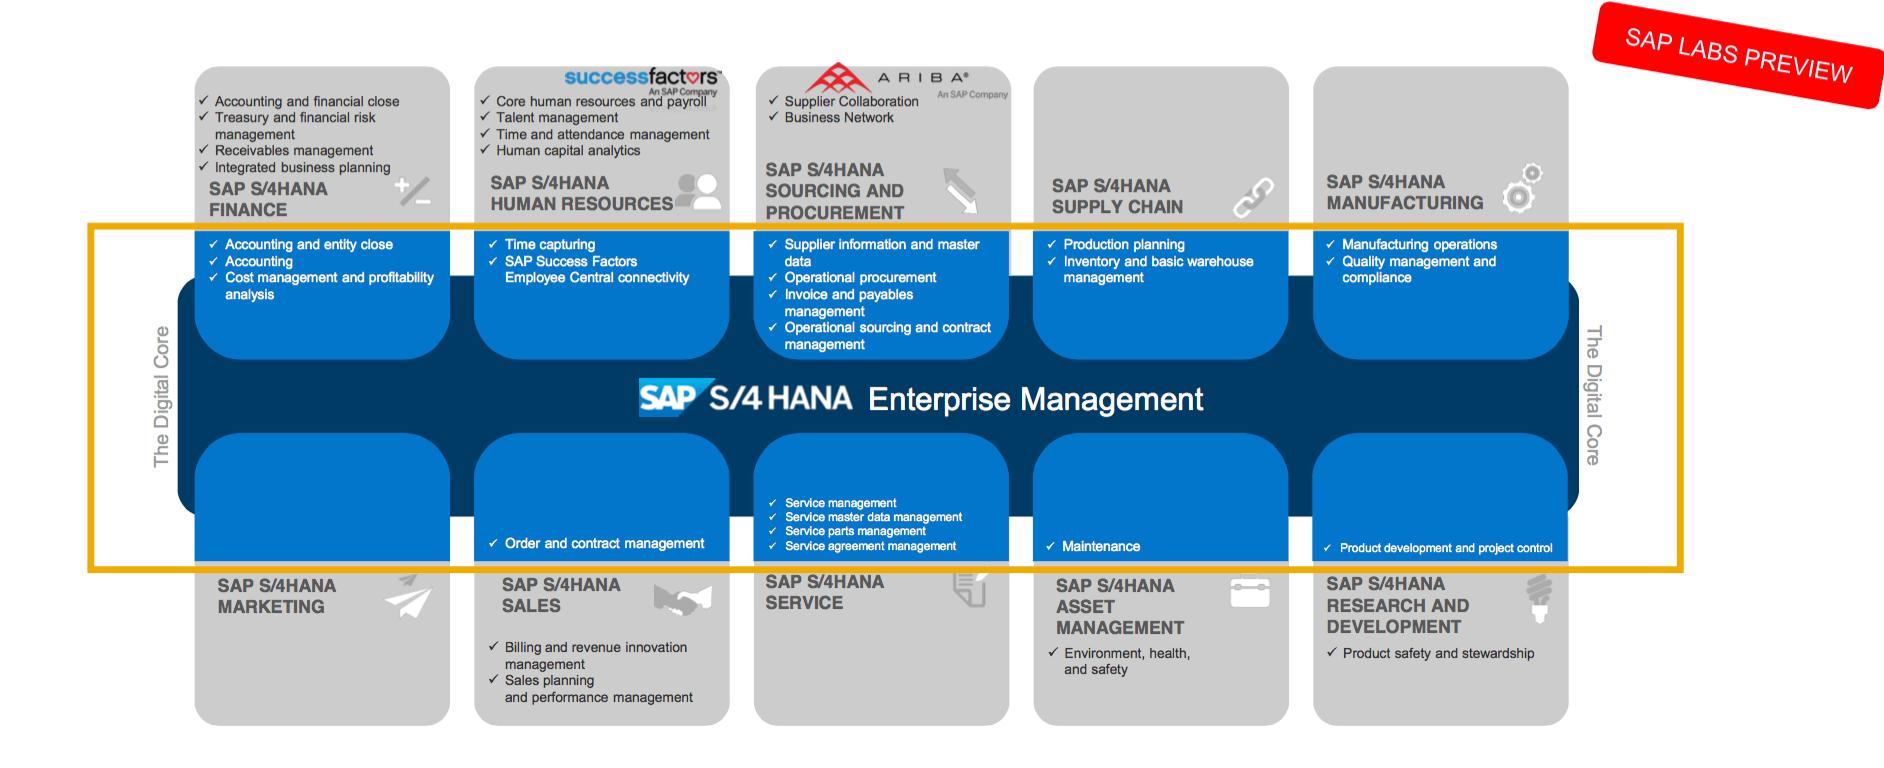 scheer-nederland-sap-s4-hana-enterprise-management